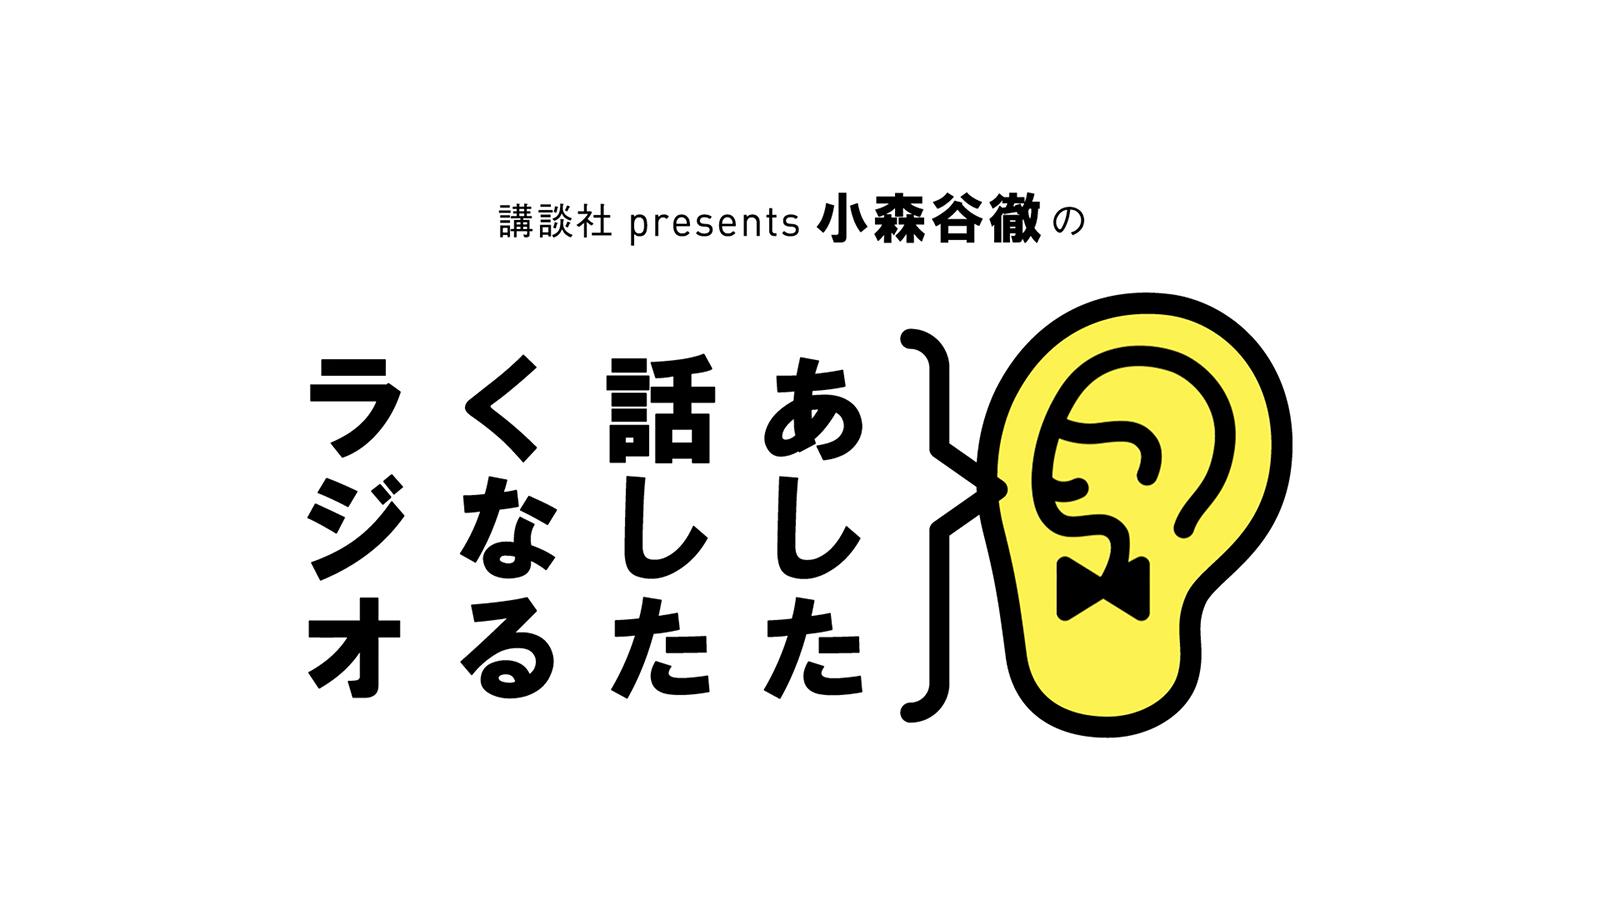 TBSラジオ「明日話したくなるラジオ」番組連動動画コンテンツ